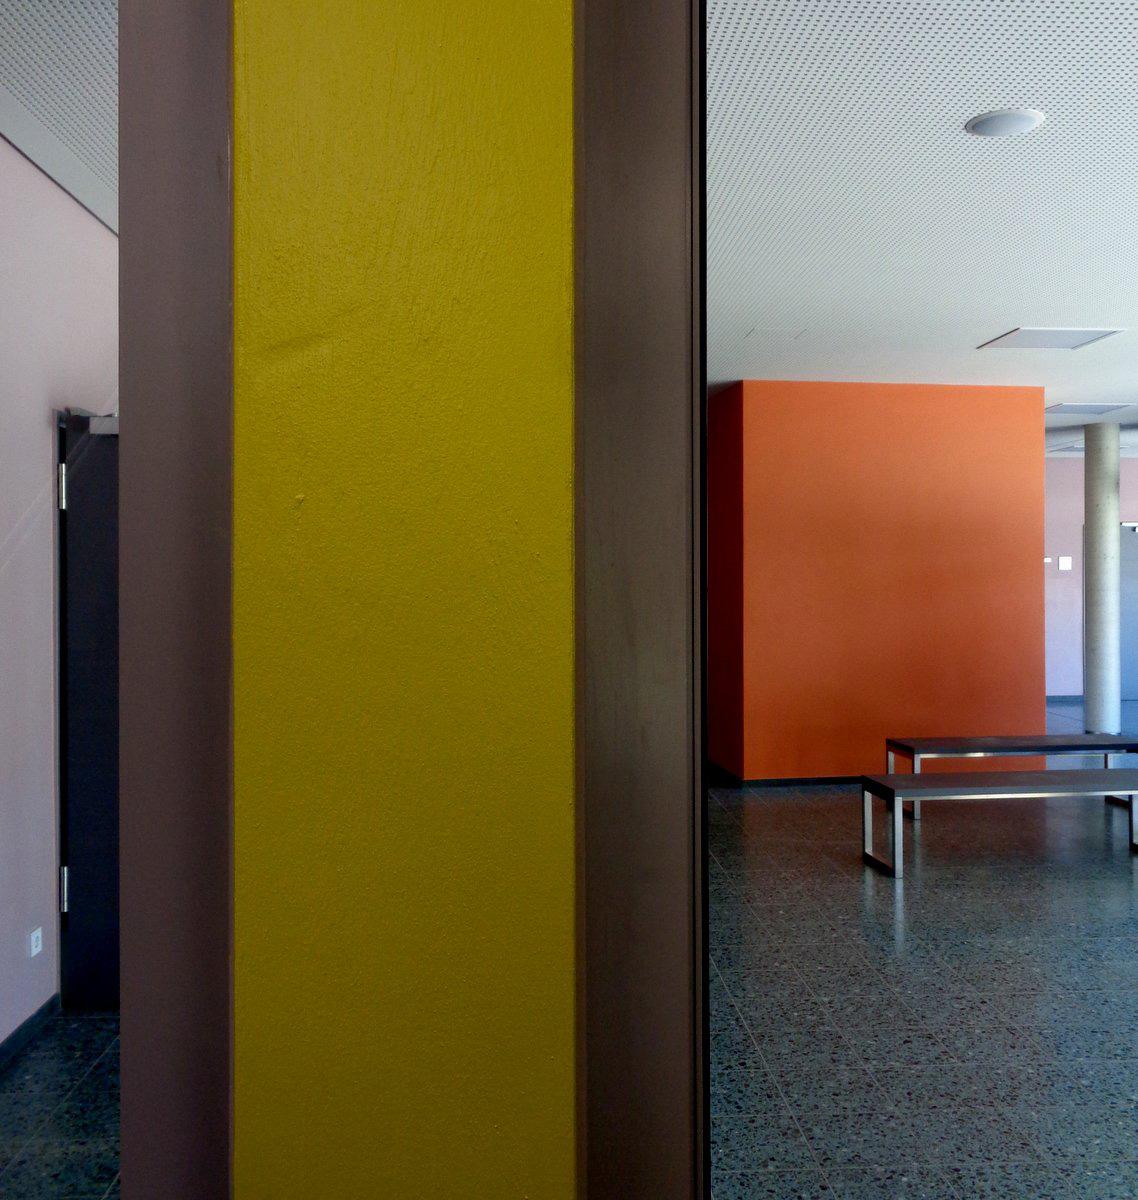 Farbgestaltung im Innern einer Schule